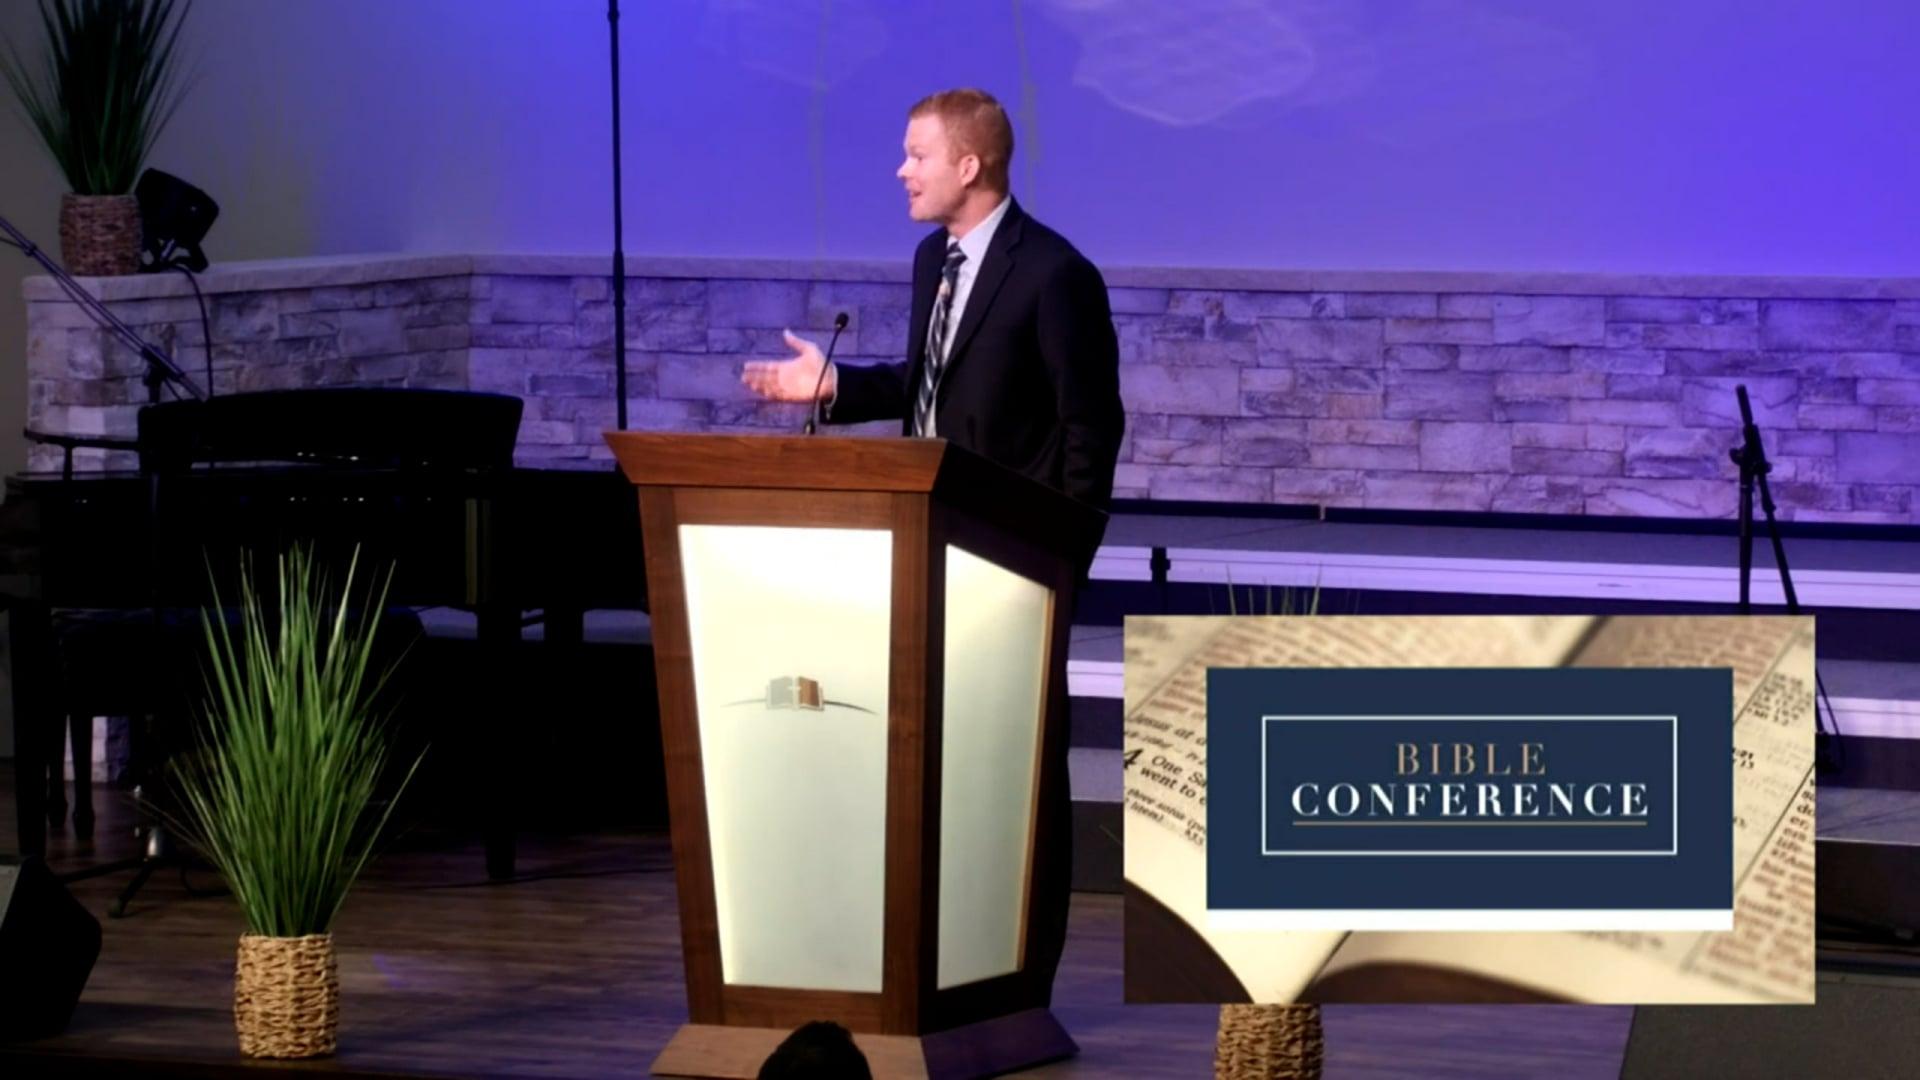 9/21/2021 Tuesday - Pastor Tyler Gillit